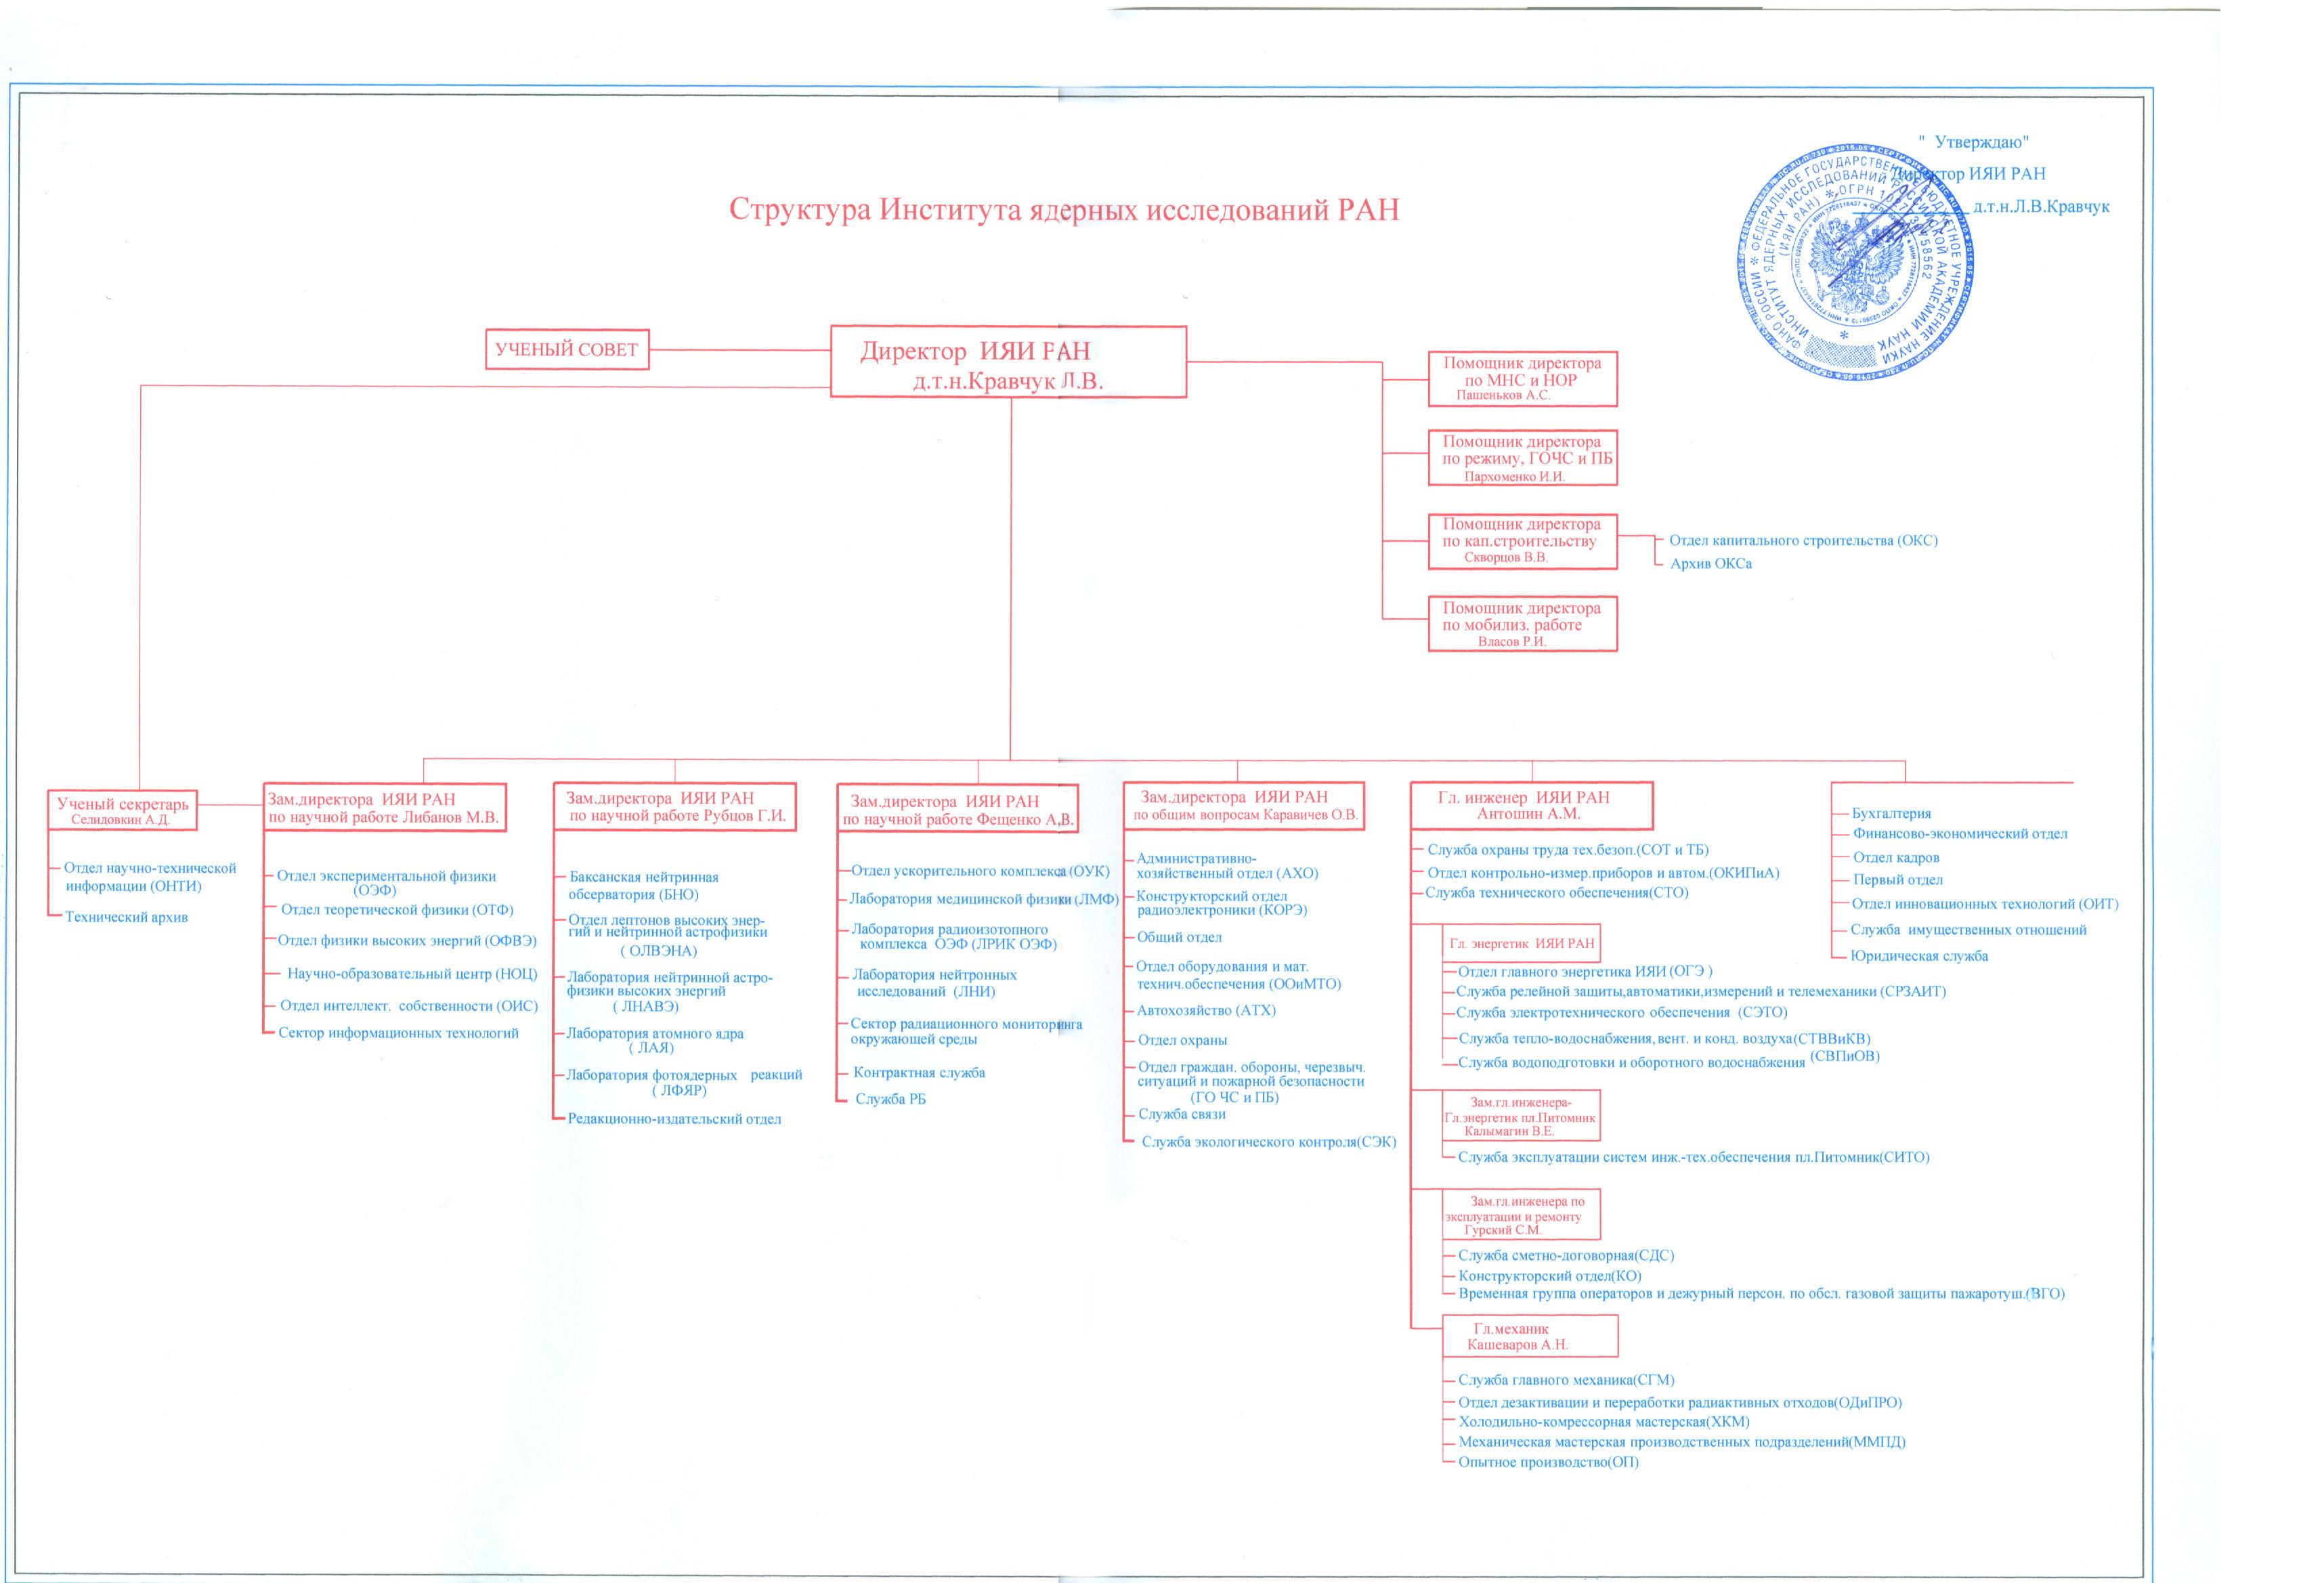 ИЯИ РАН - Схема организационной структуры.